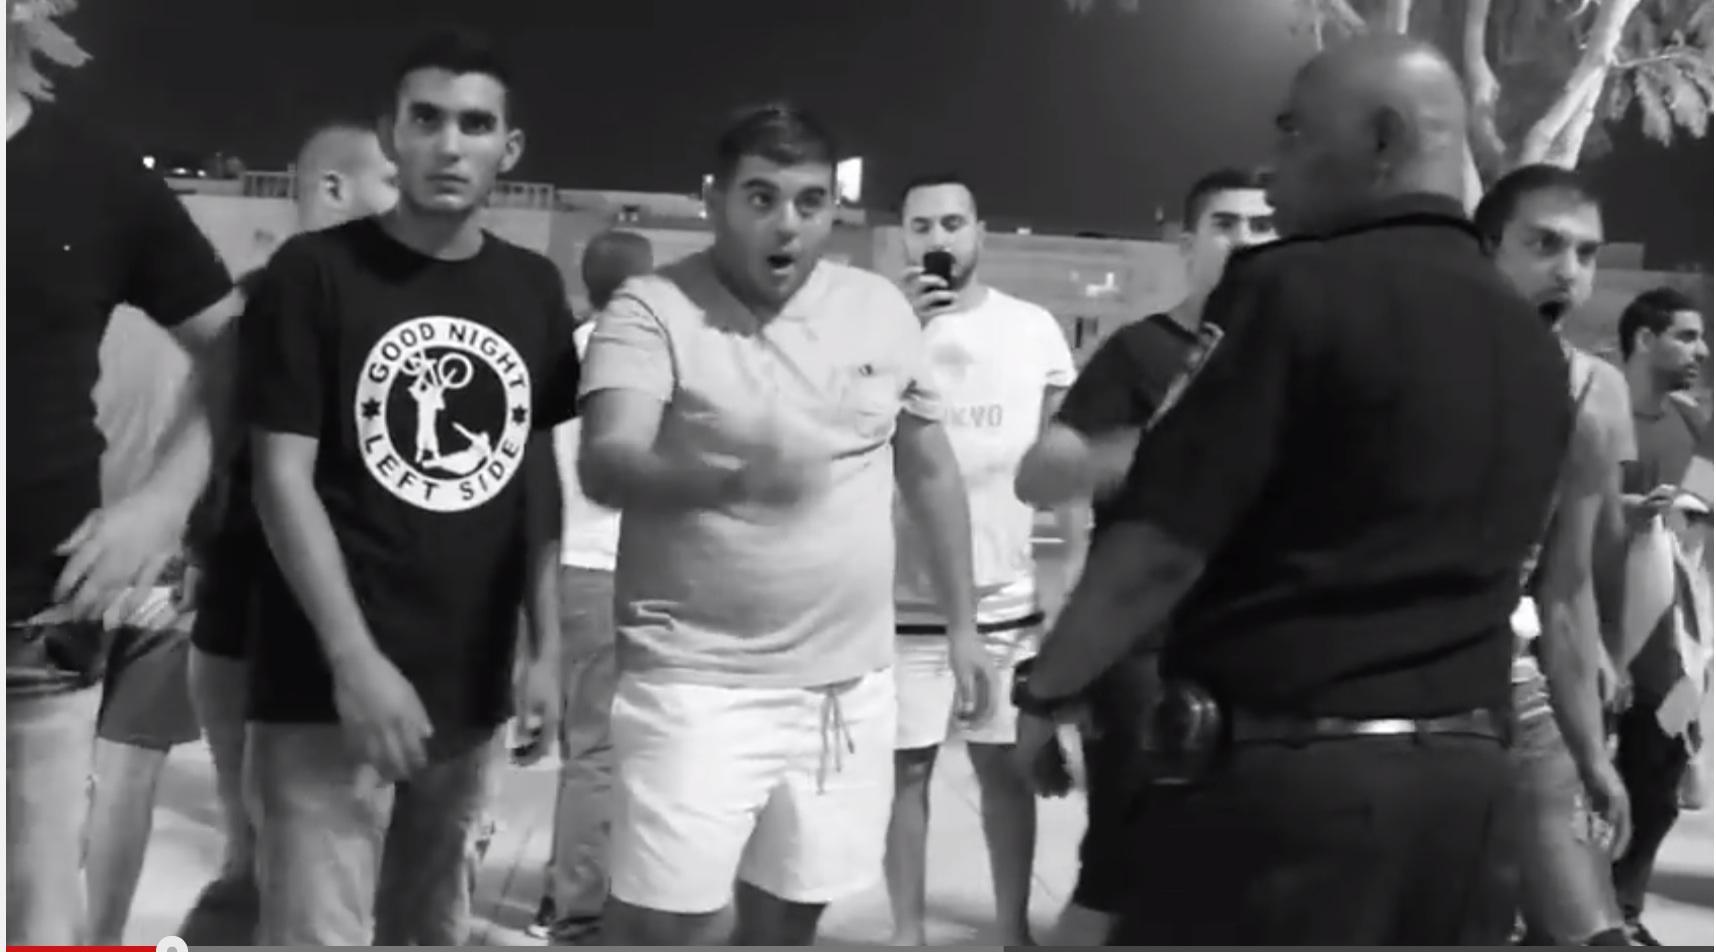 צילום מסך מתוך וידאו שהועלה על ידי מארגני ההפגנה. צלם: אמיר ביתן